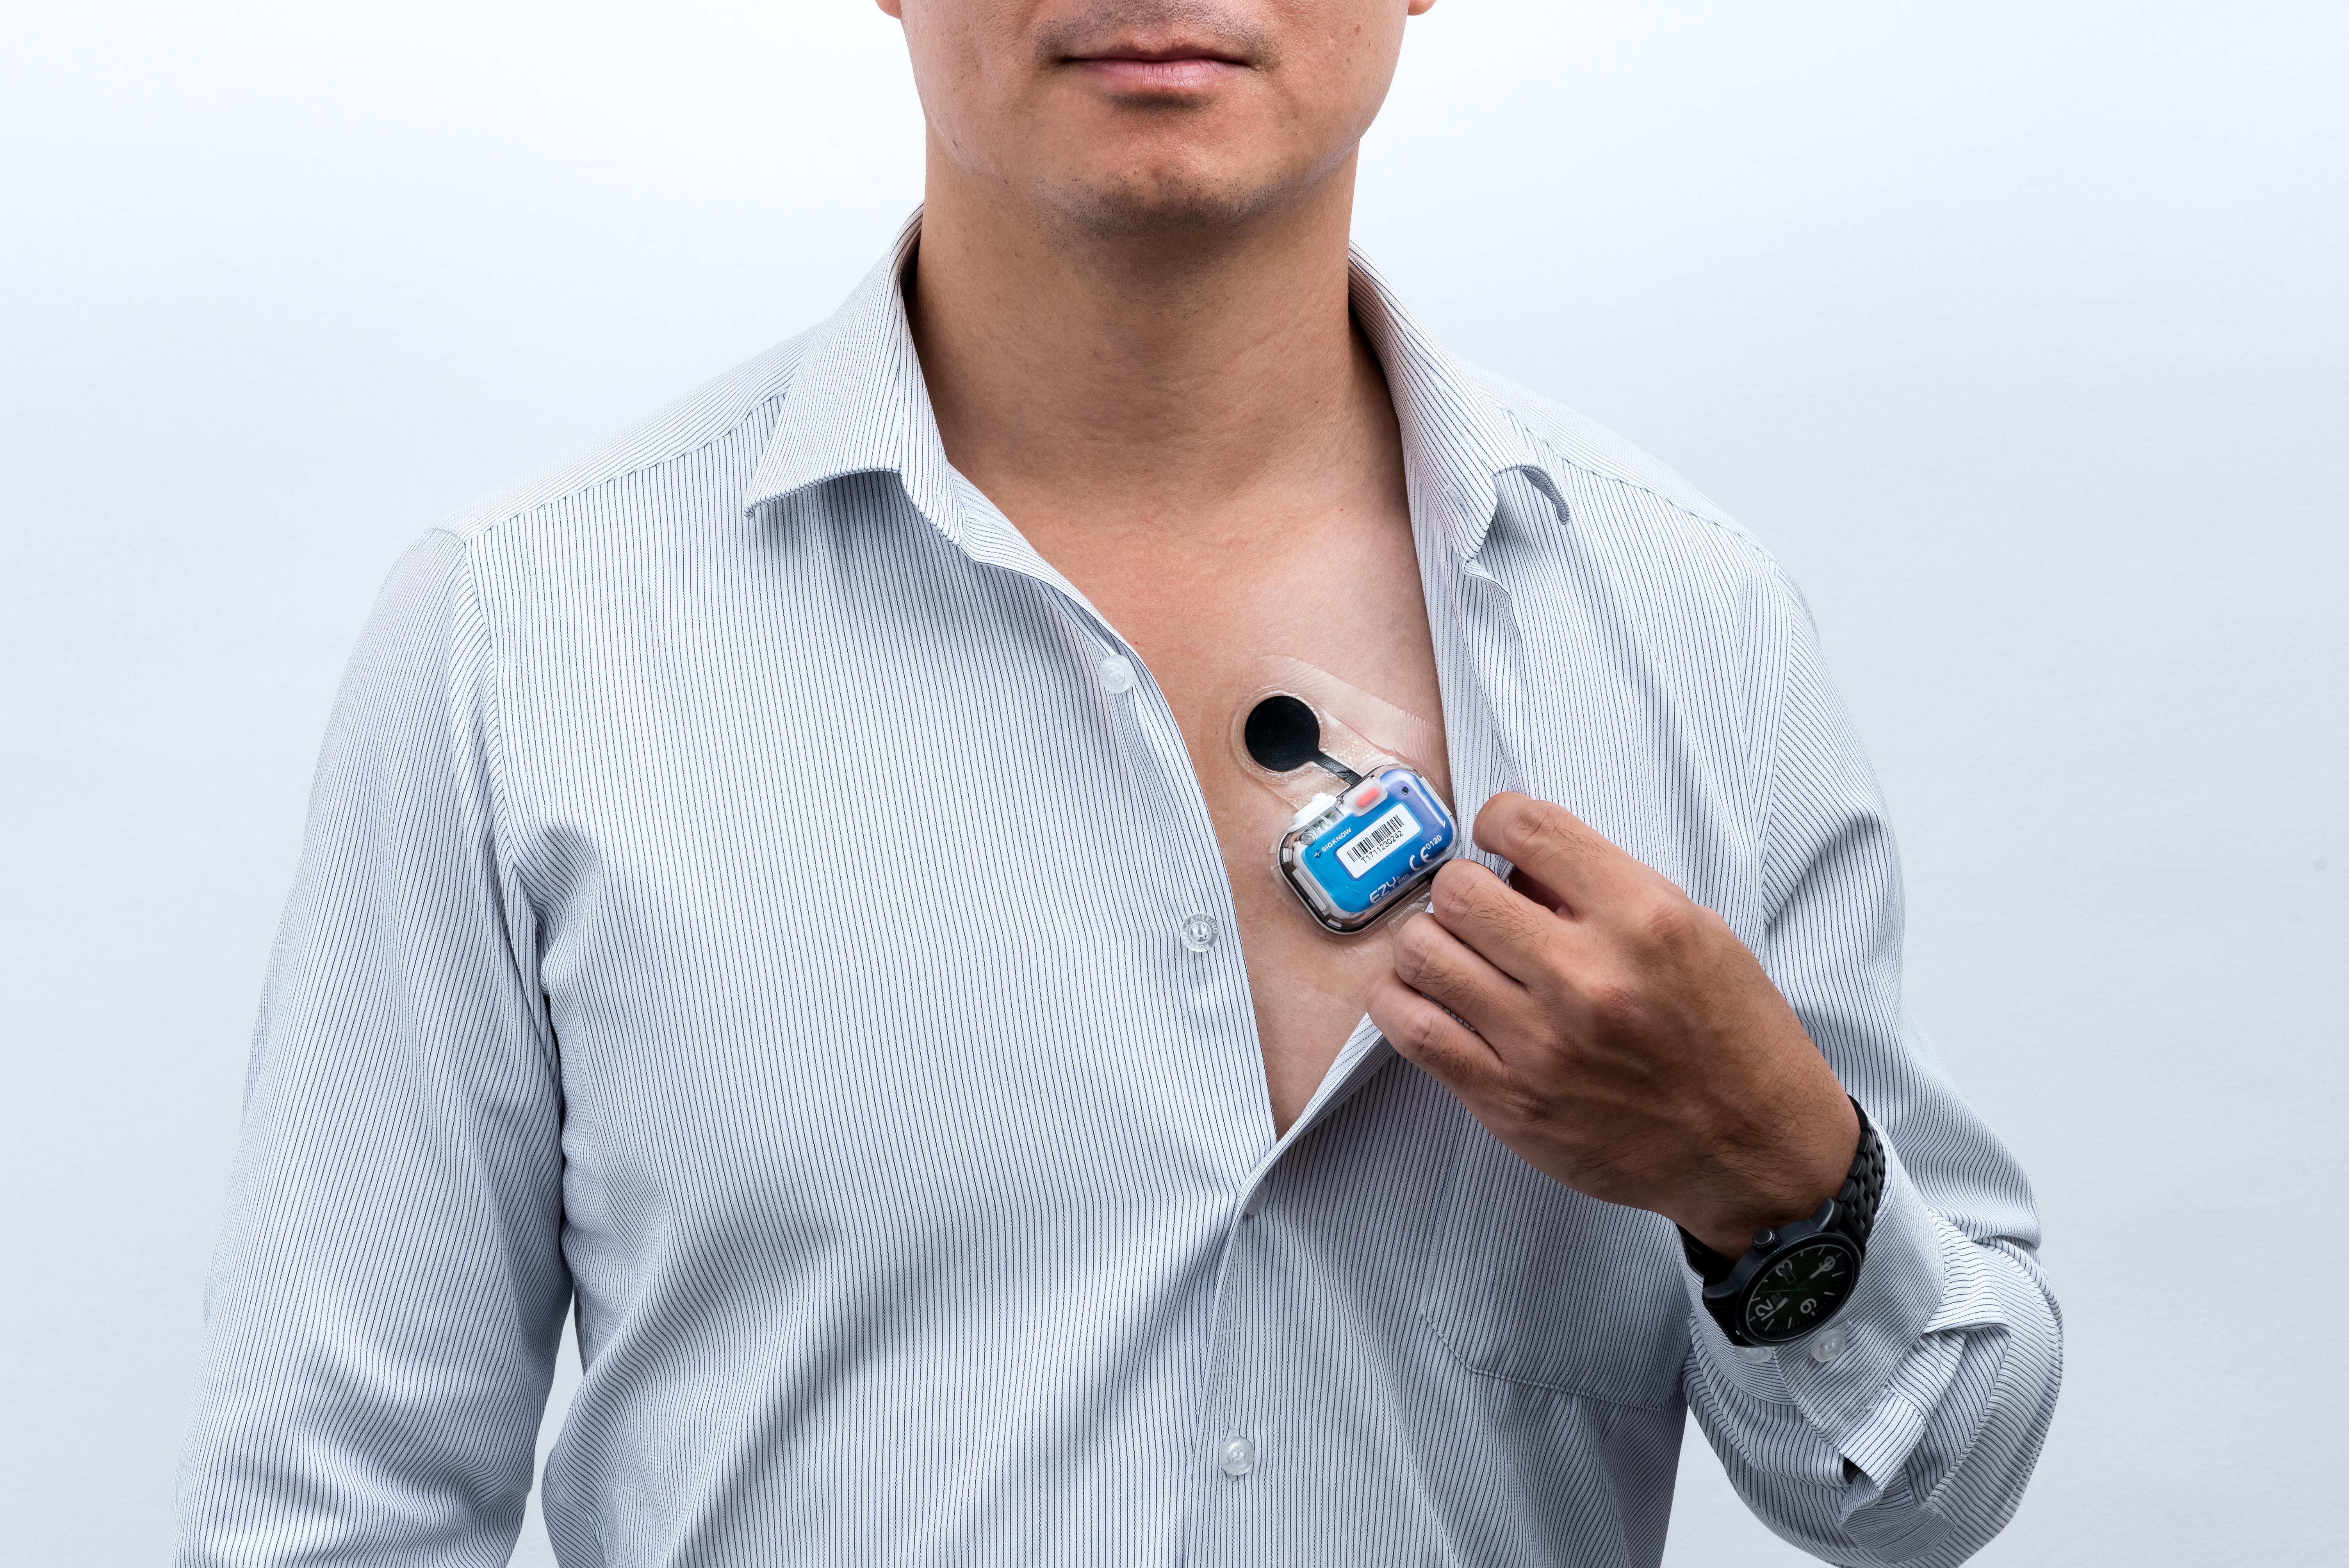 EZYPRO®心電記錄貼片防水、抗汗、低敏,醫學中心臨床實證,透過長天期心電訊號記錄與分析,能顯著提高心律不整診斷率3-5倍,達到60%